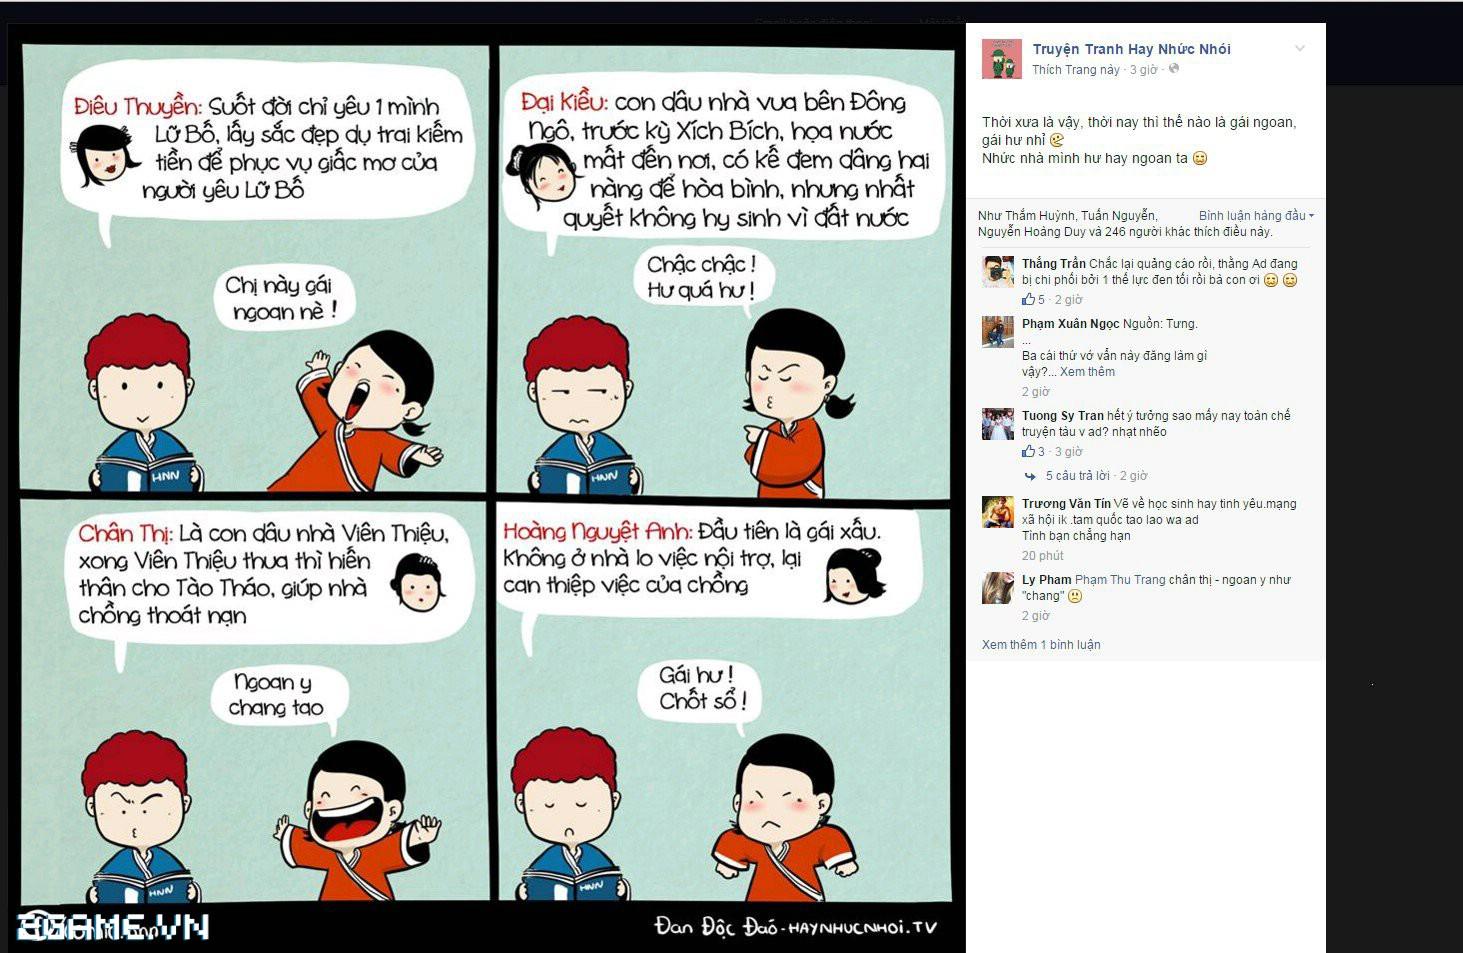 Thịnh Thế Tam Quốc: Ngập chuyện gái ngoan hư theo cách nhìn Tam Quốc trên mạng 1